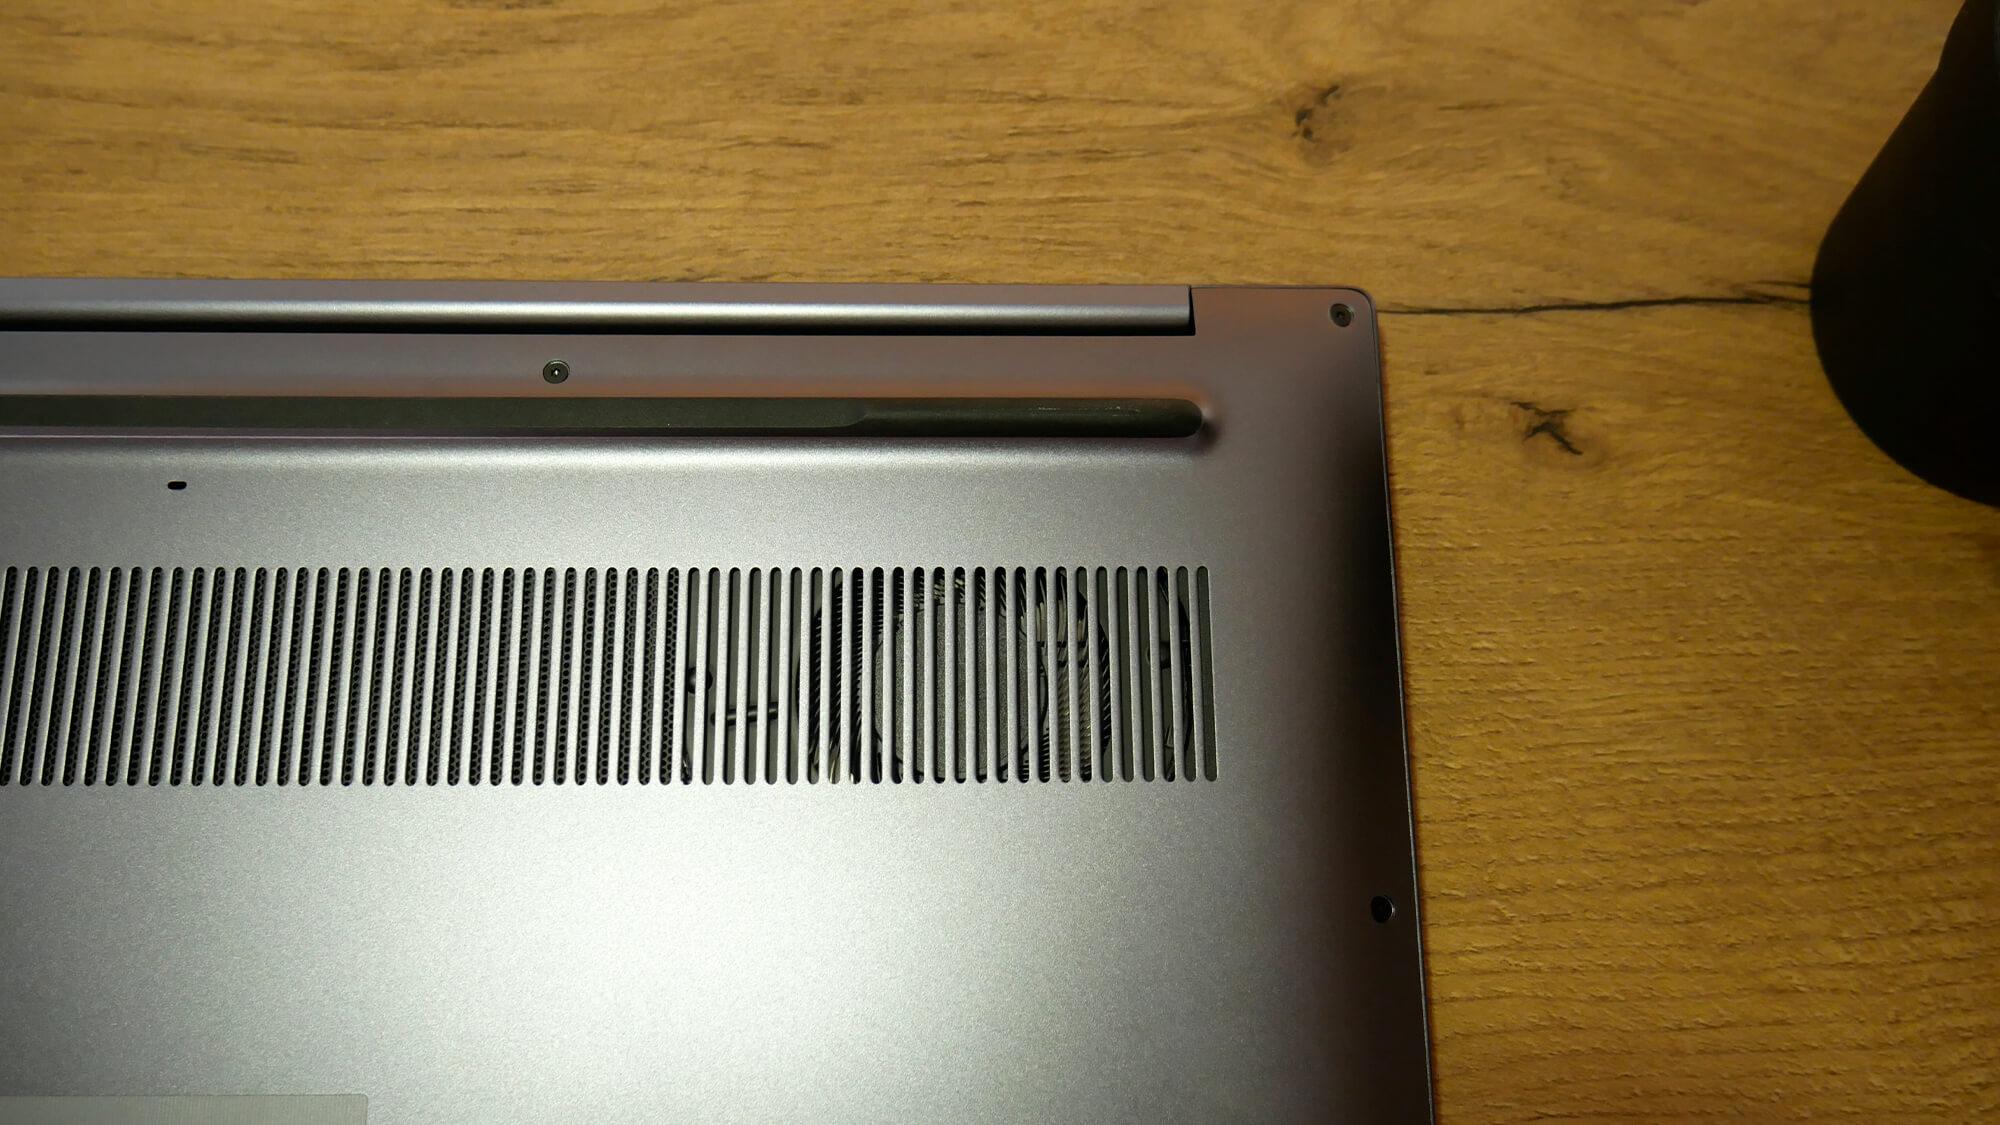 Huawei MateBook D 16